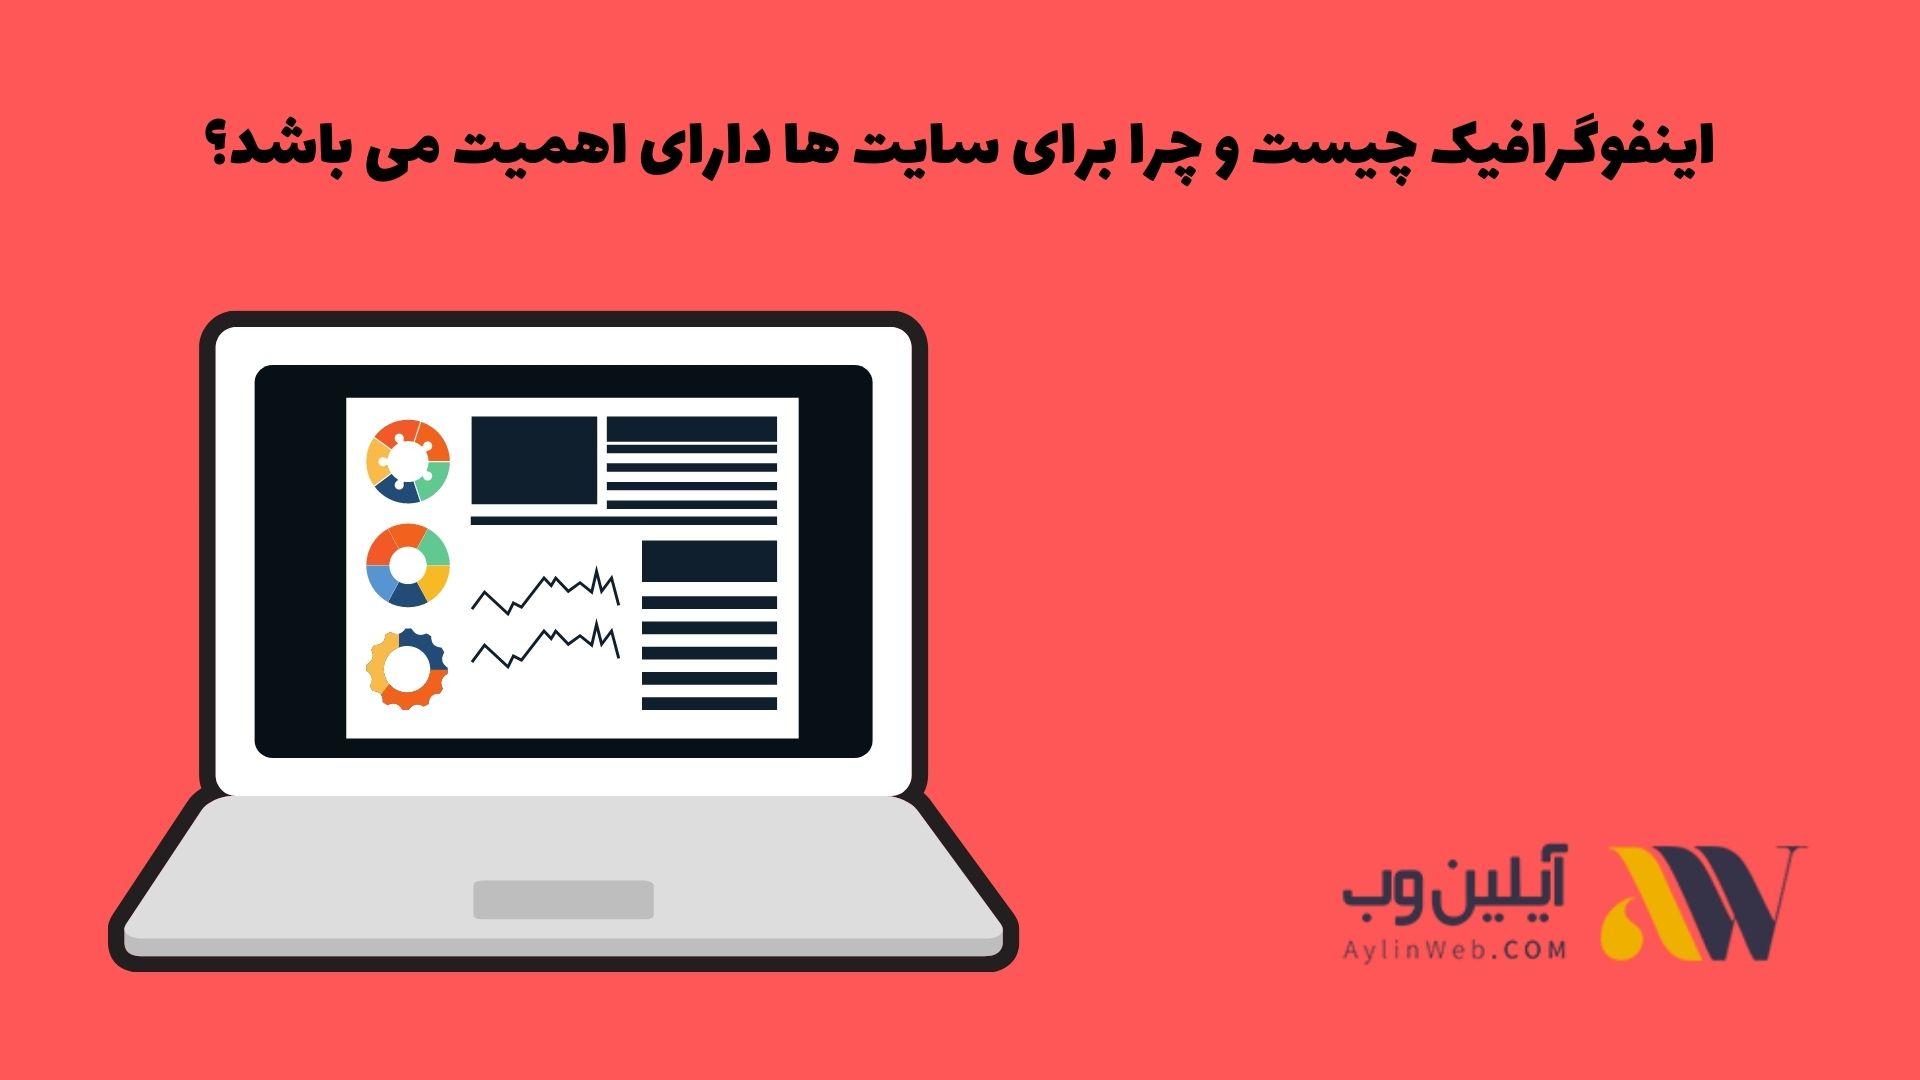 اینفوگرافیک چیست و چرا برای سایت ها دارای اهمیت می باشد؟